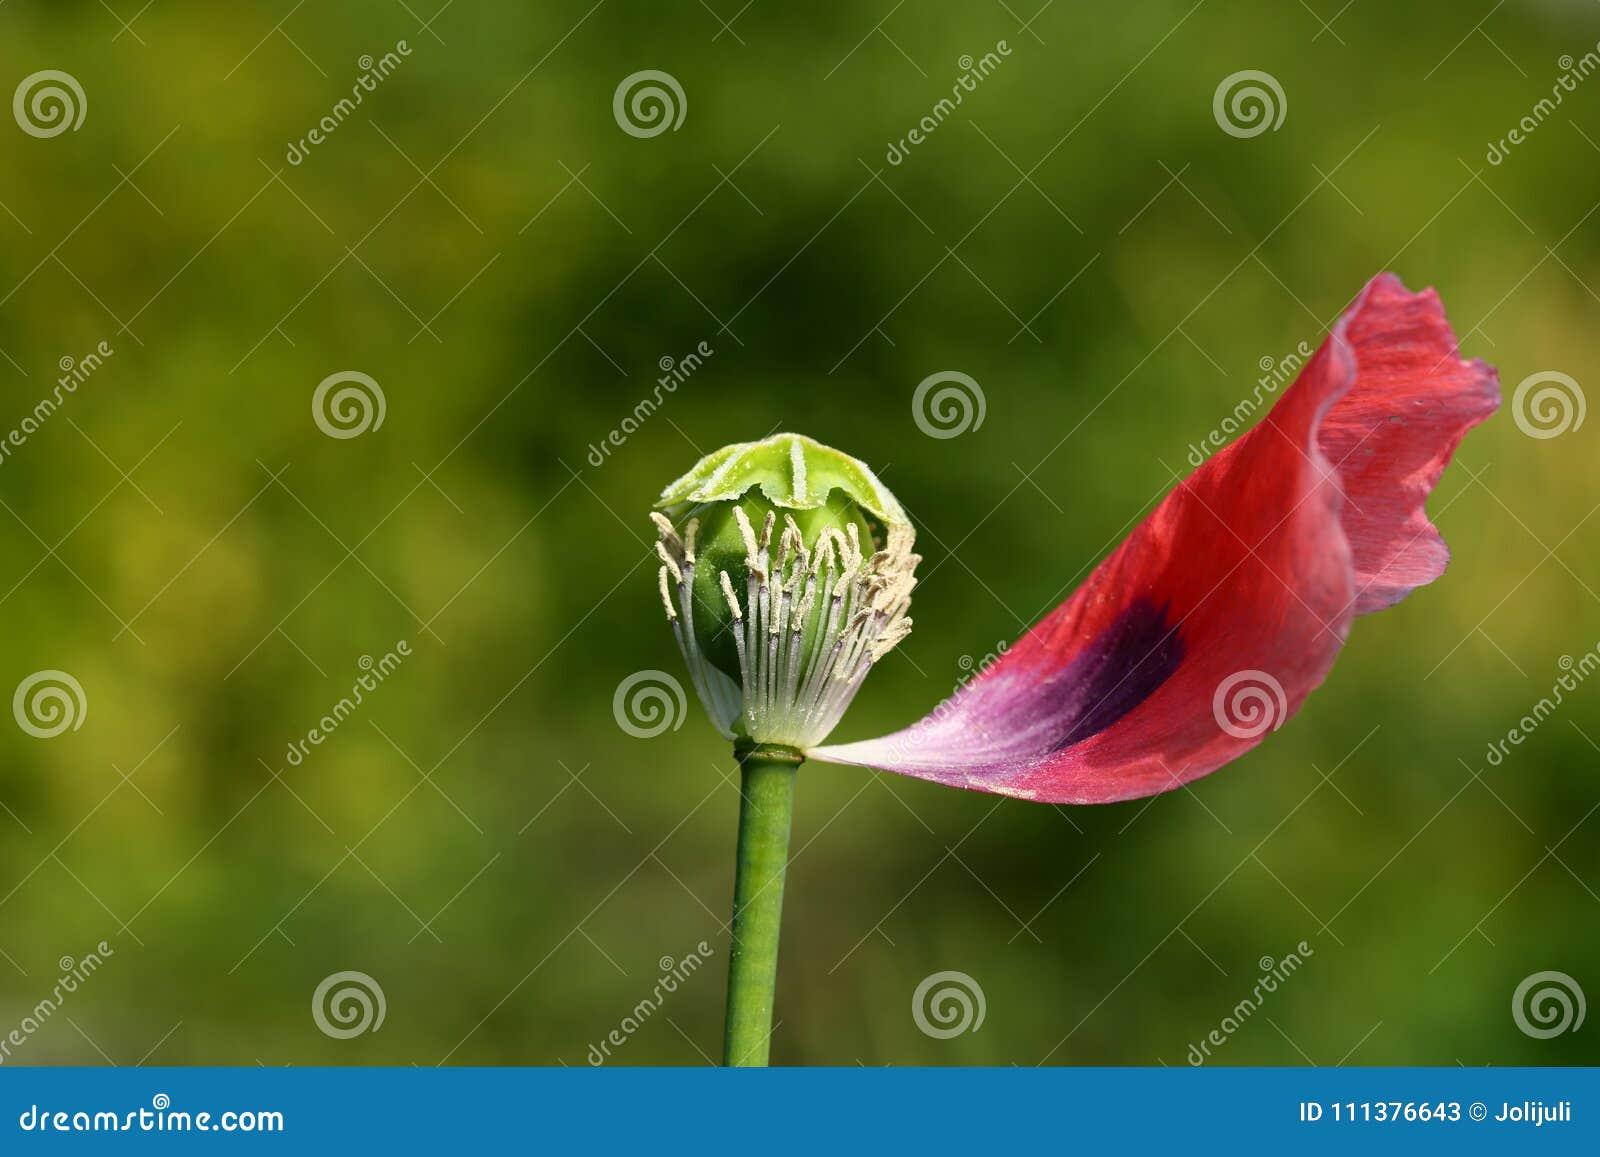 Poppy Flower Stock Image Image Of Colors Dark Garden 111376643